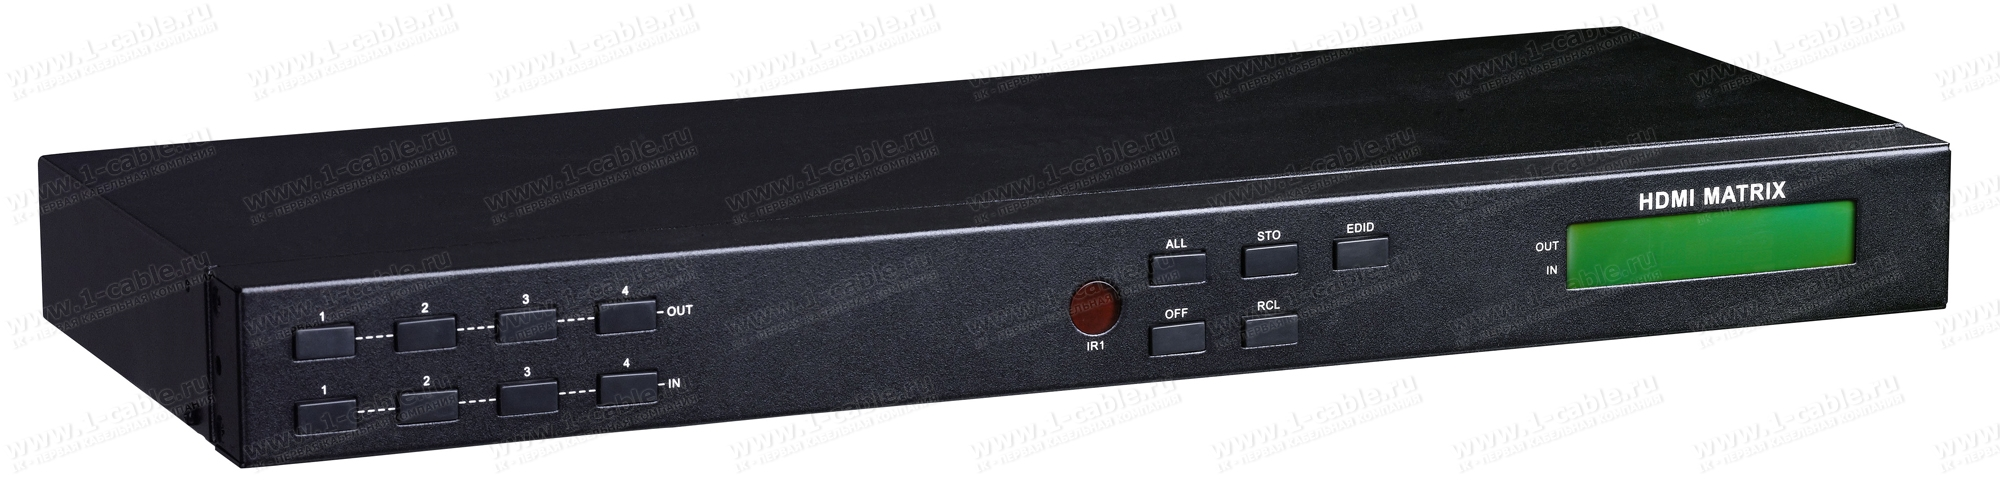 HIT-HDMI-X444PRO (снят с производства), Матричный видео коммутатор сигналов HDMI 4х4, серия RACK с управления ИК и RS232